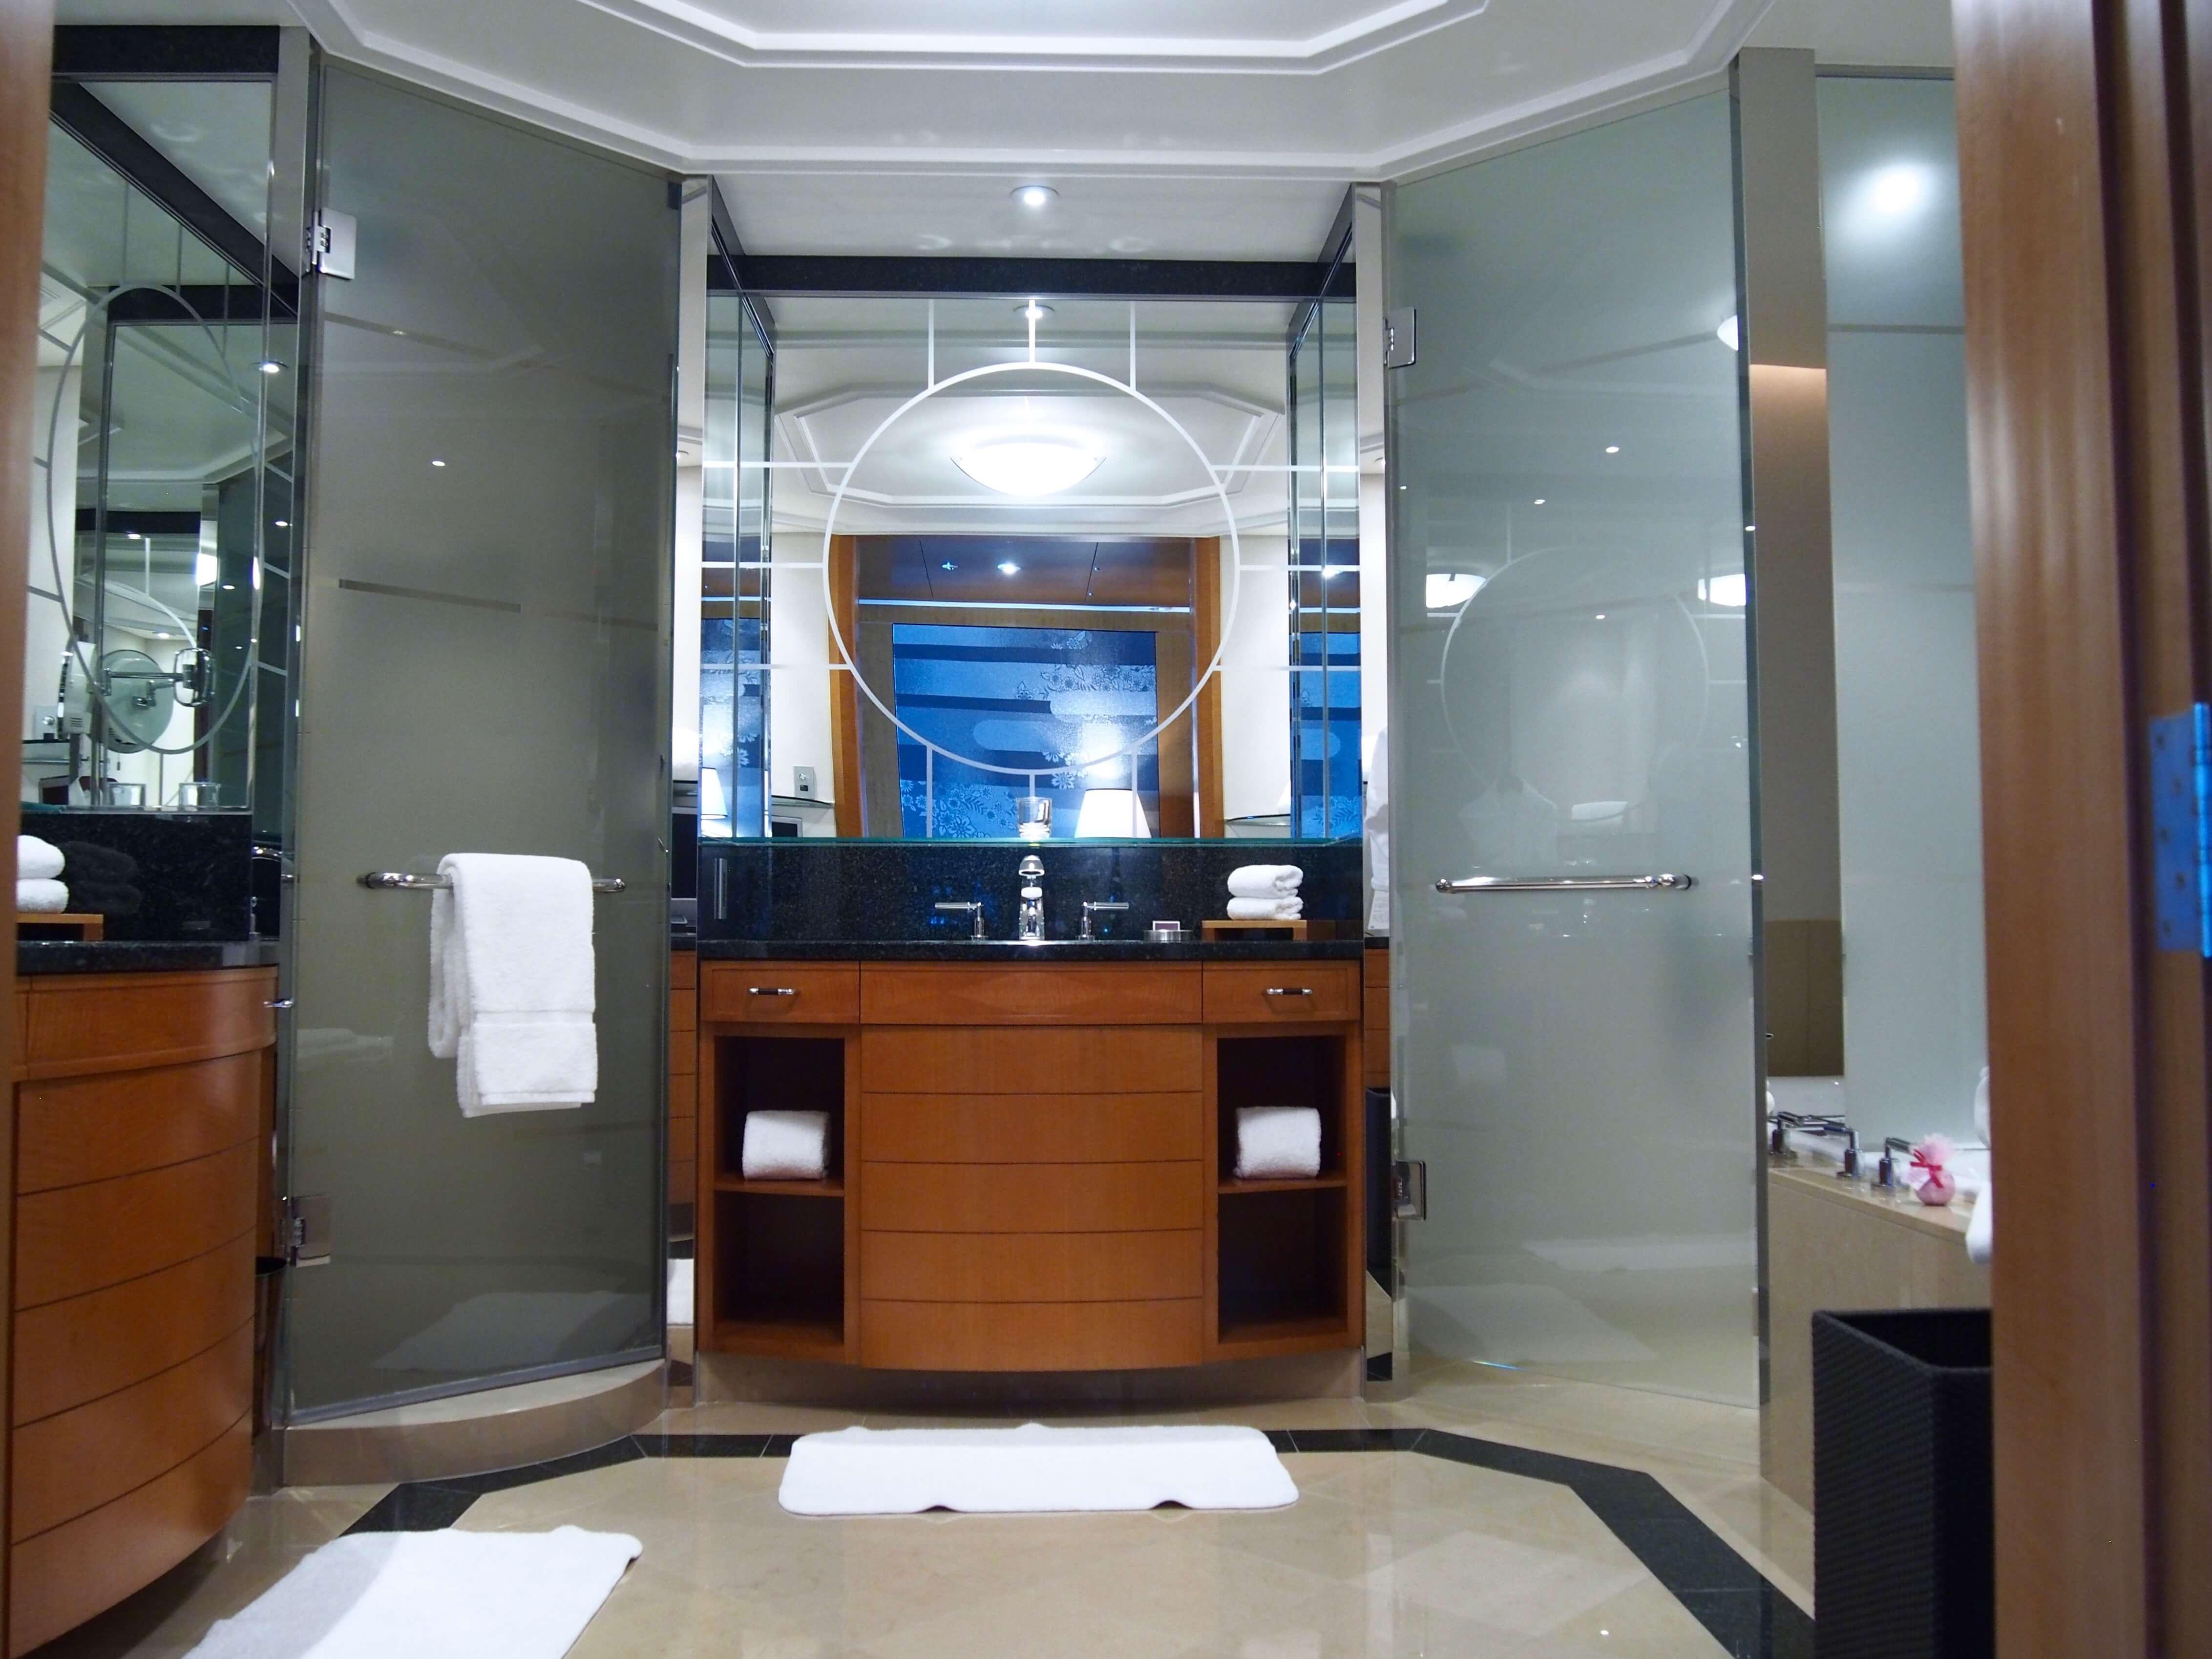 Ritz-Carlton Tokyo Club Deluxe room bathroom